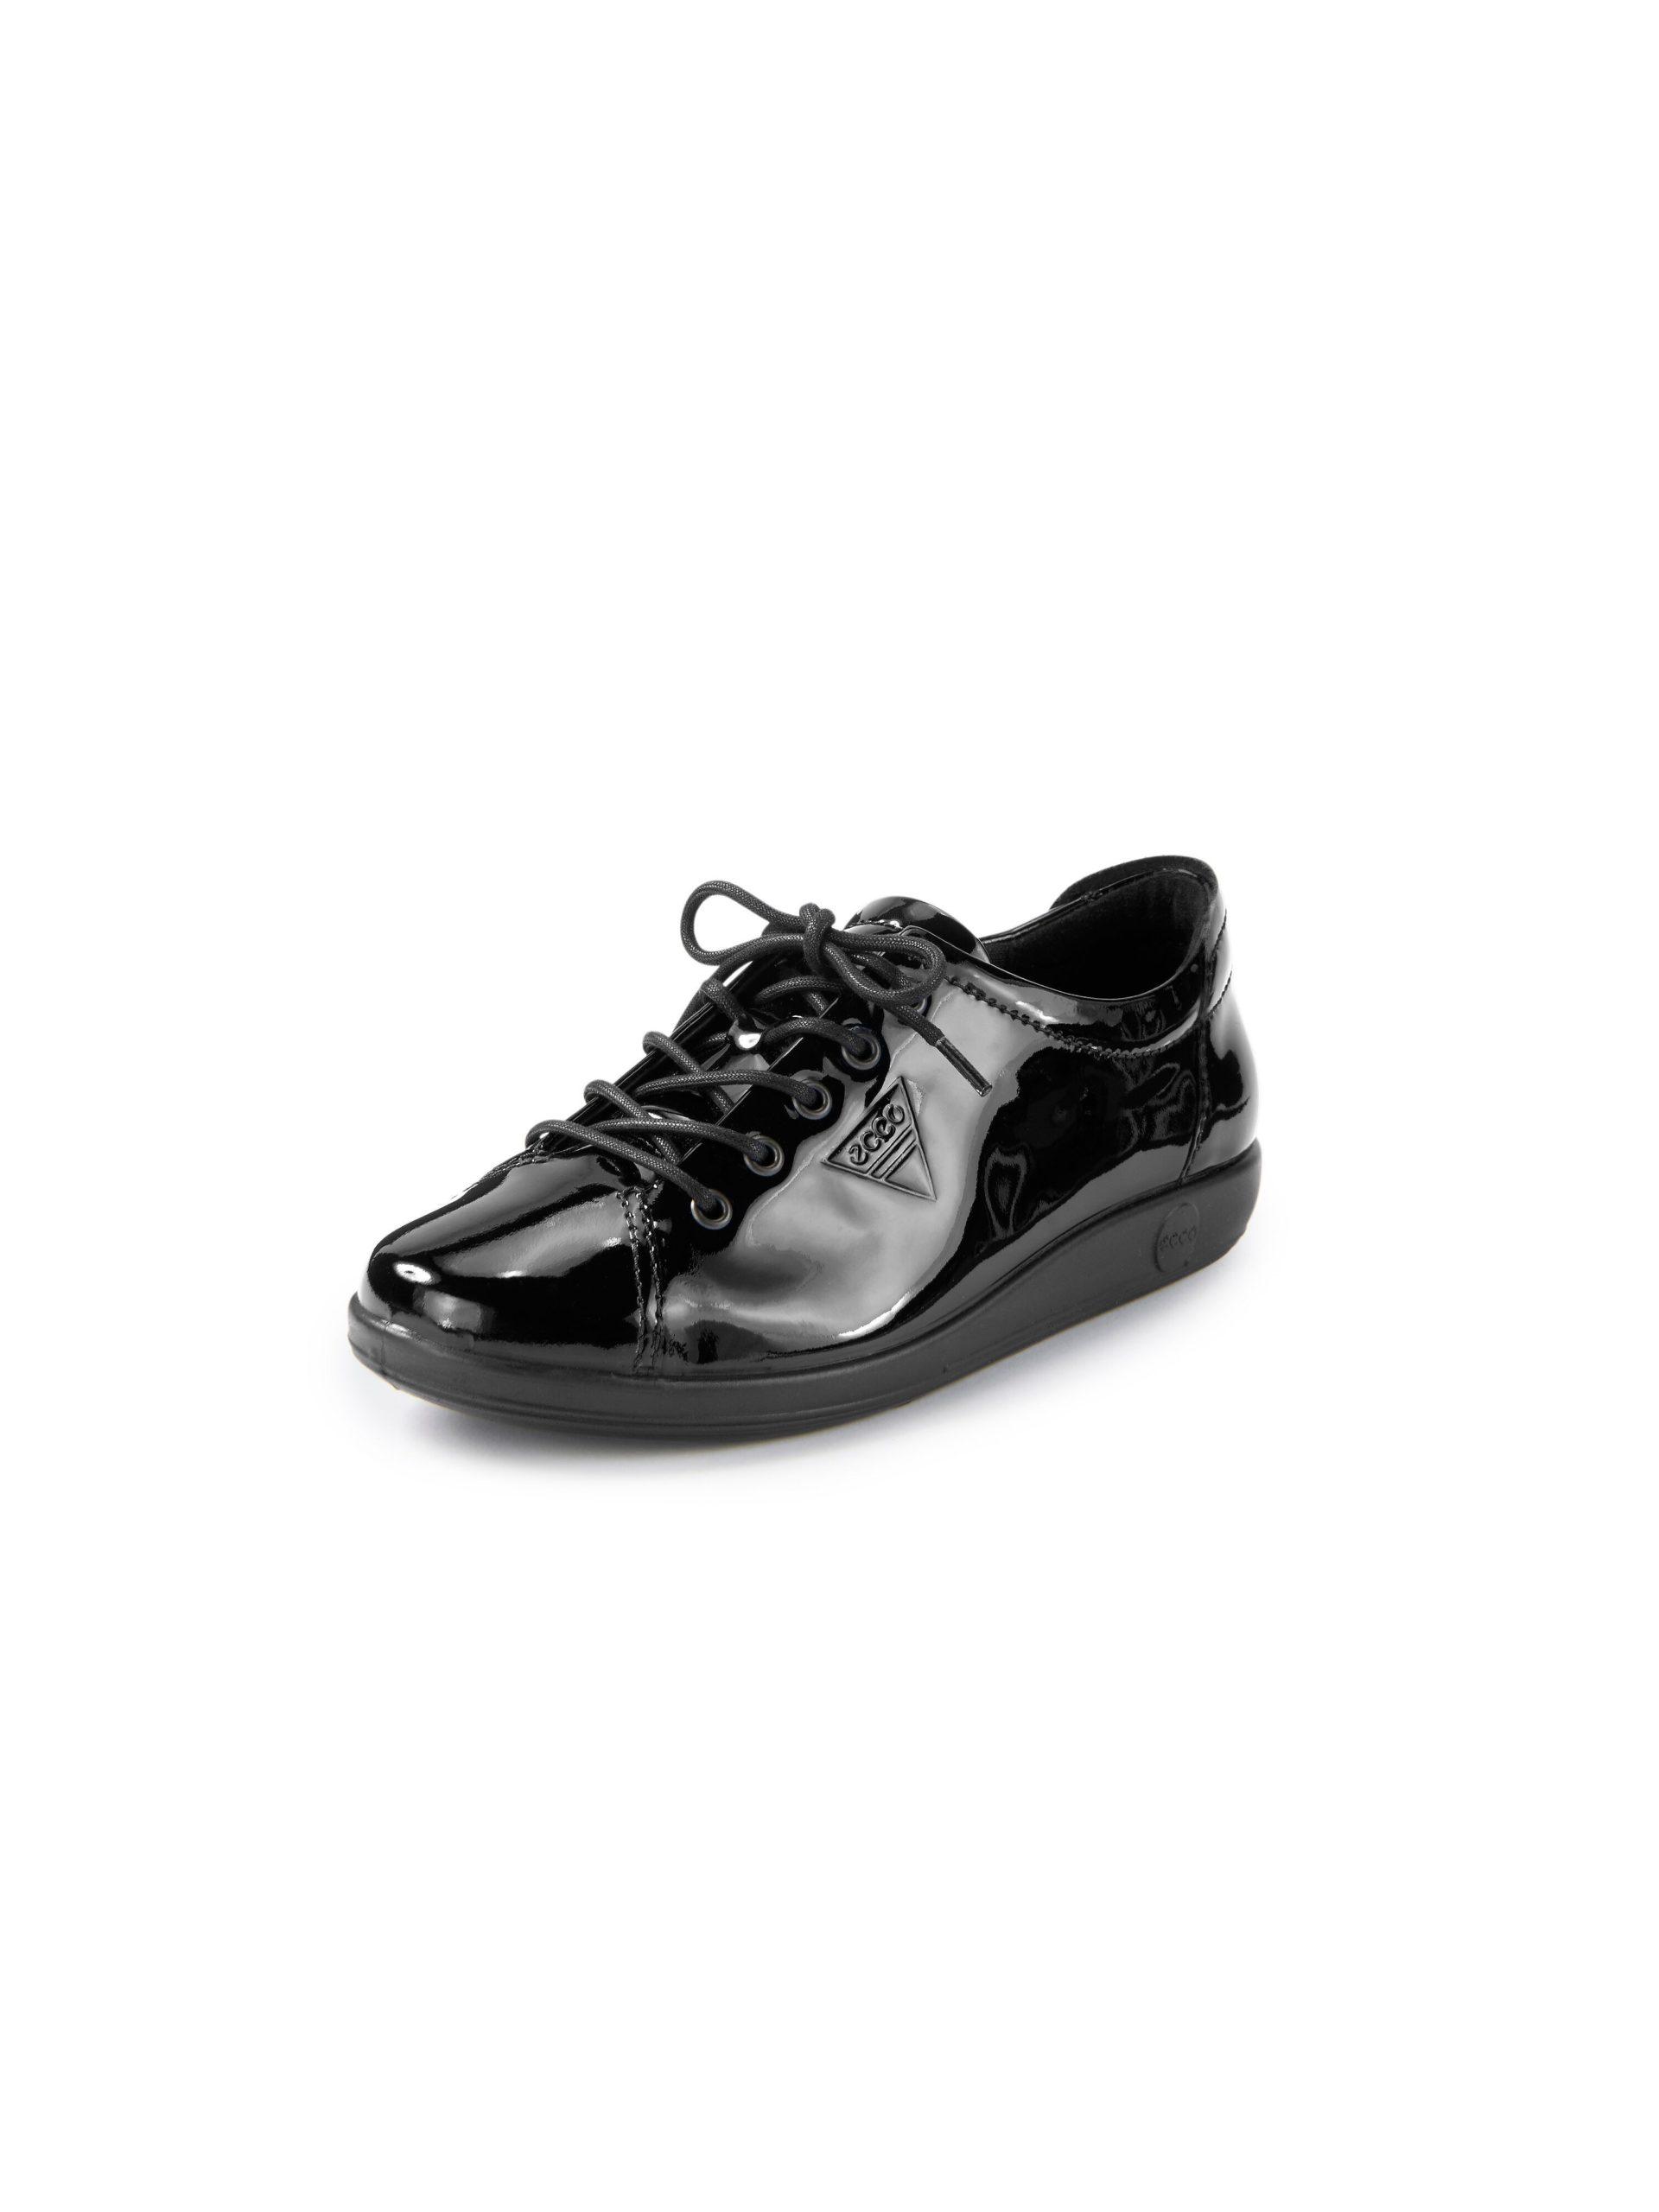 Sneakers model Soft 20 Van Ecco zwart Kopen